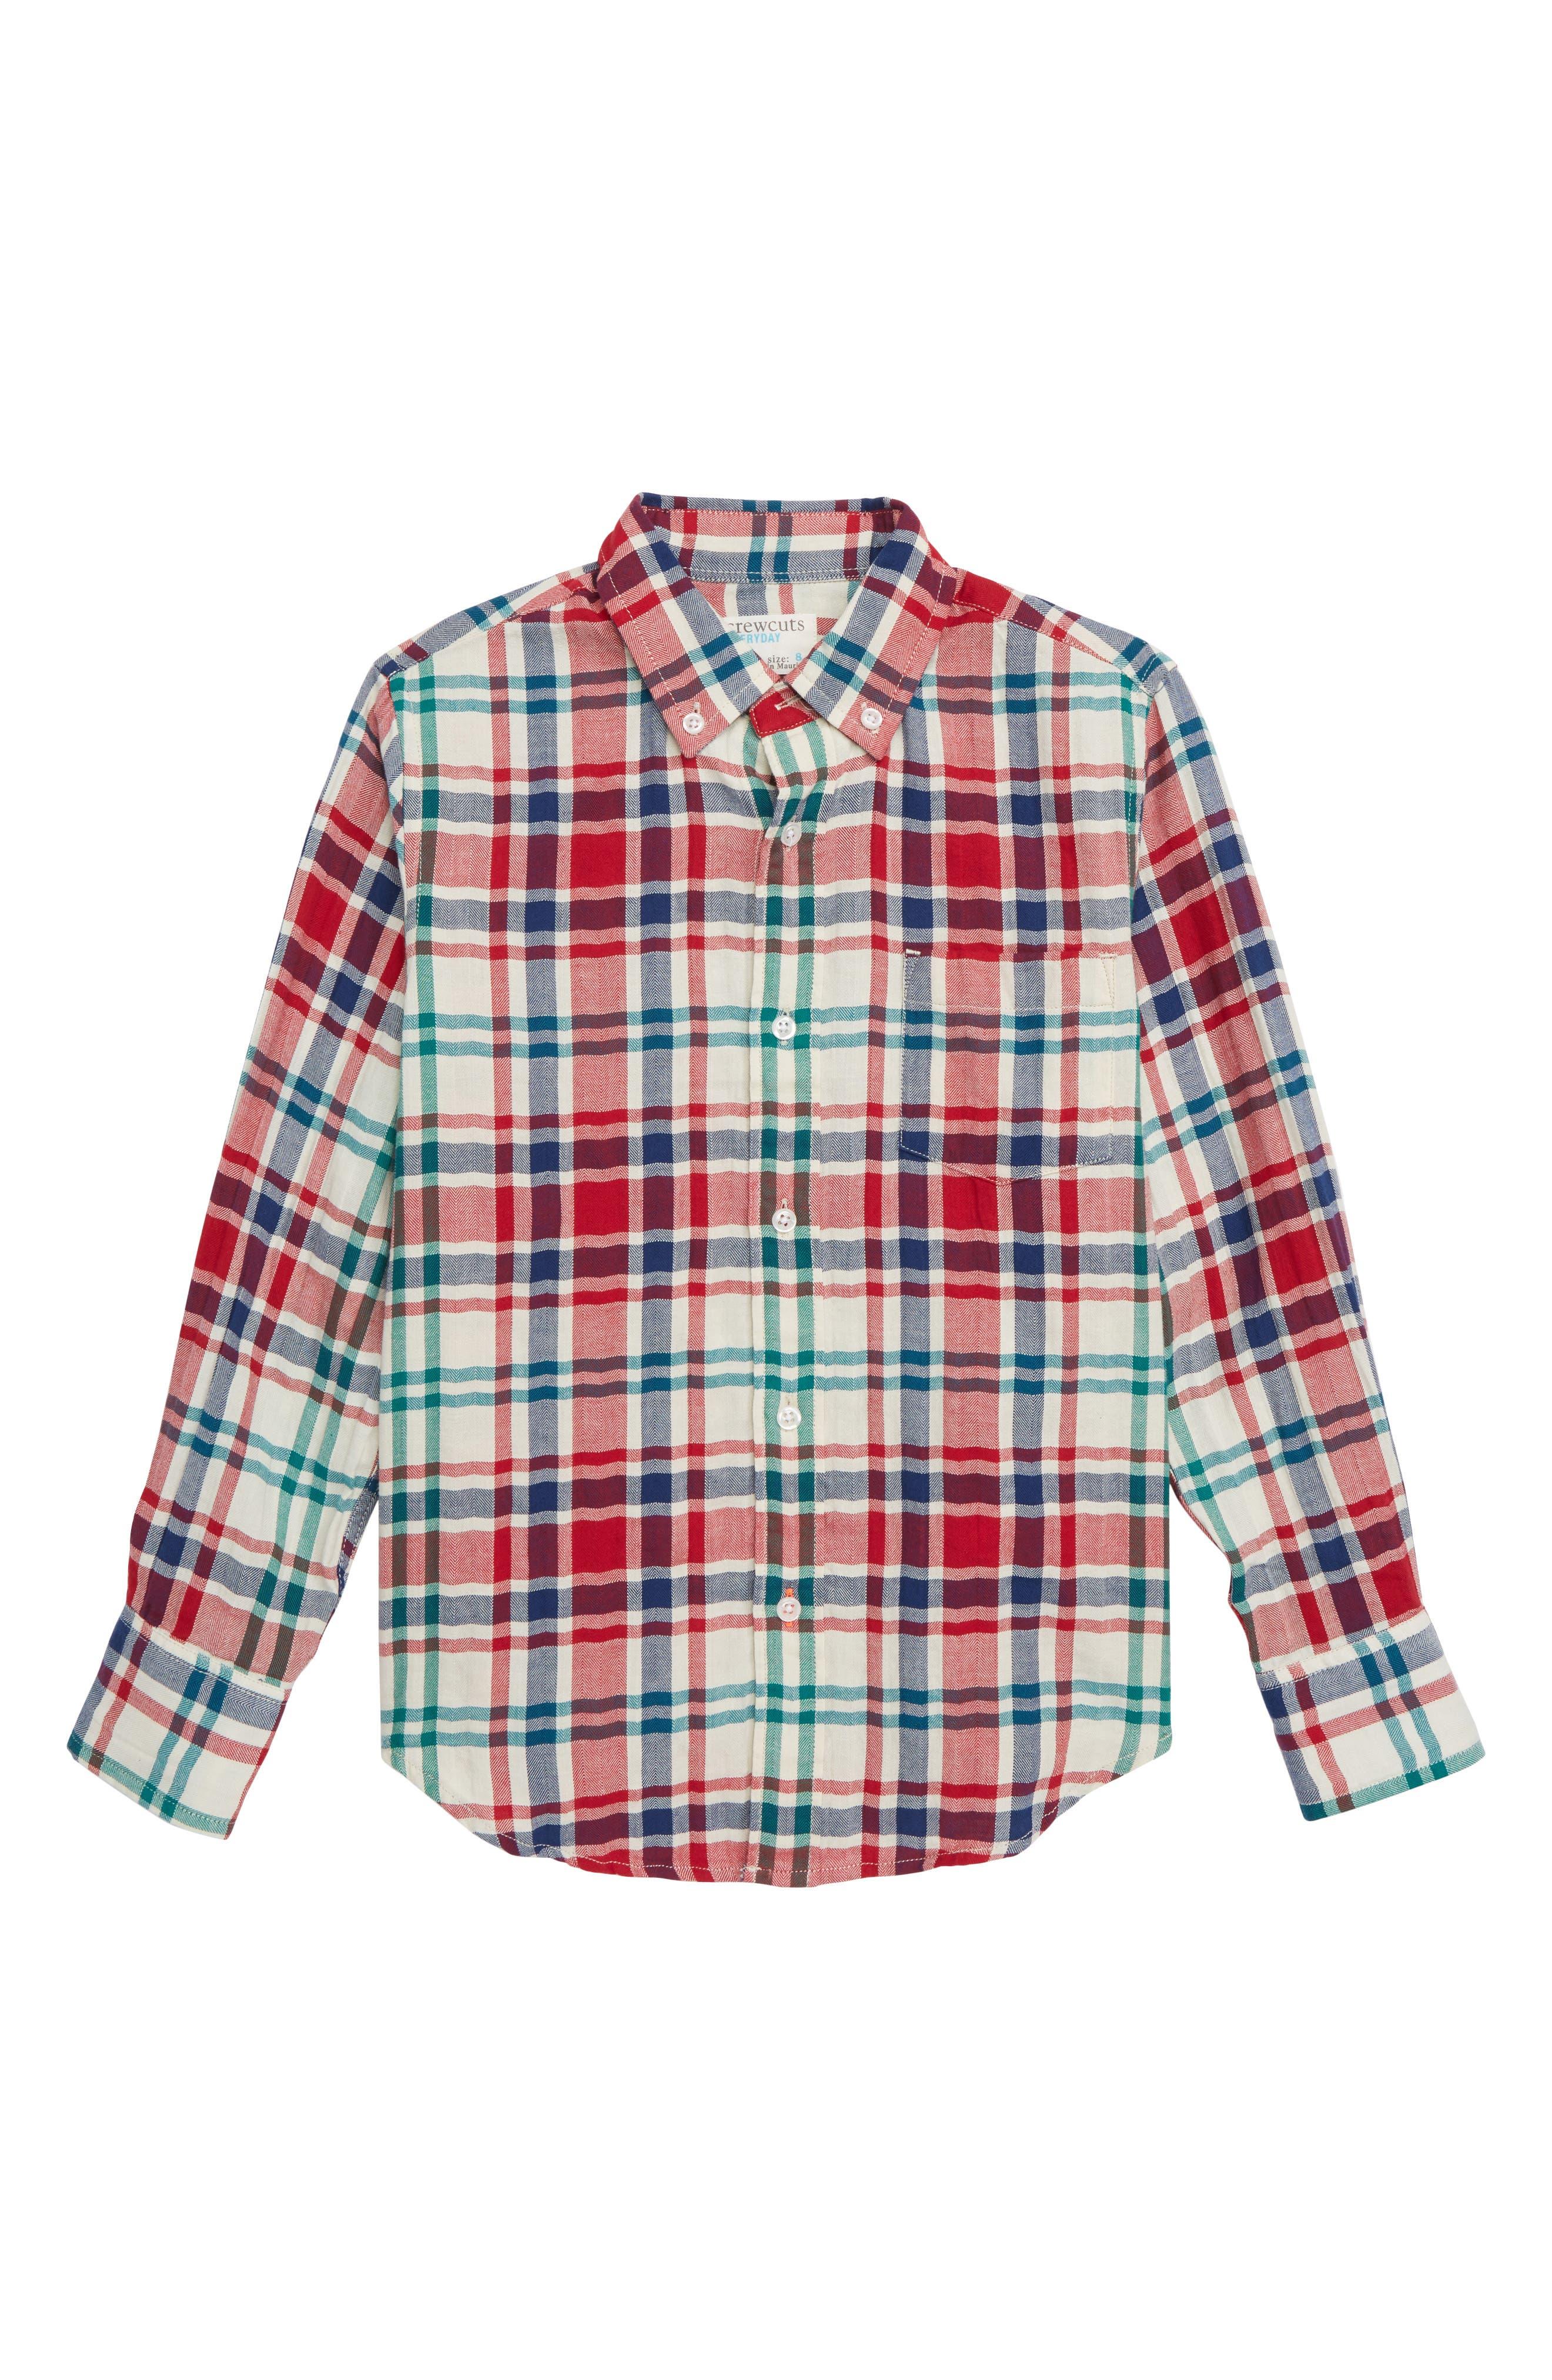 Plaid Crinkle Shirt,                             Main thumbnail 1, color,                             IVORY MULTI